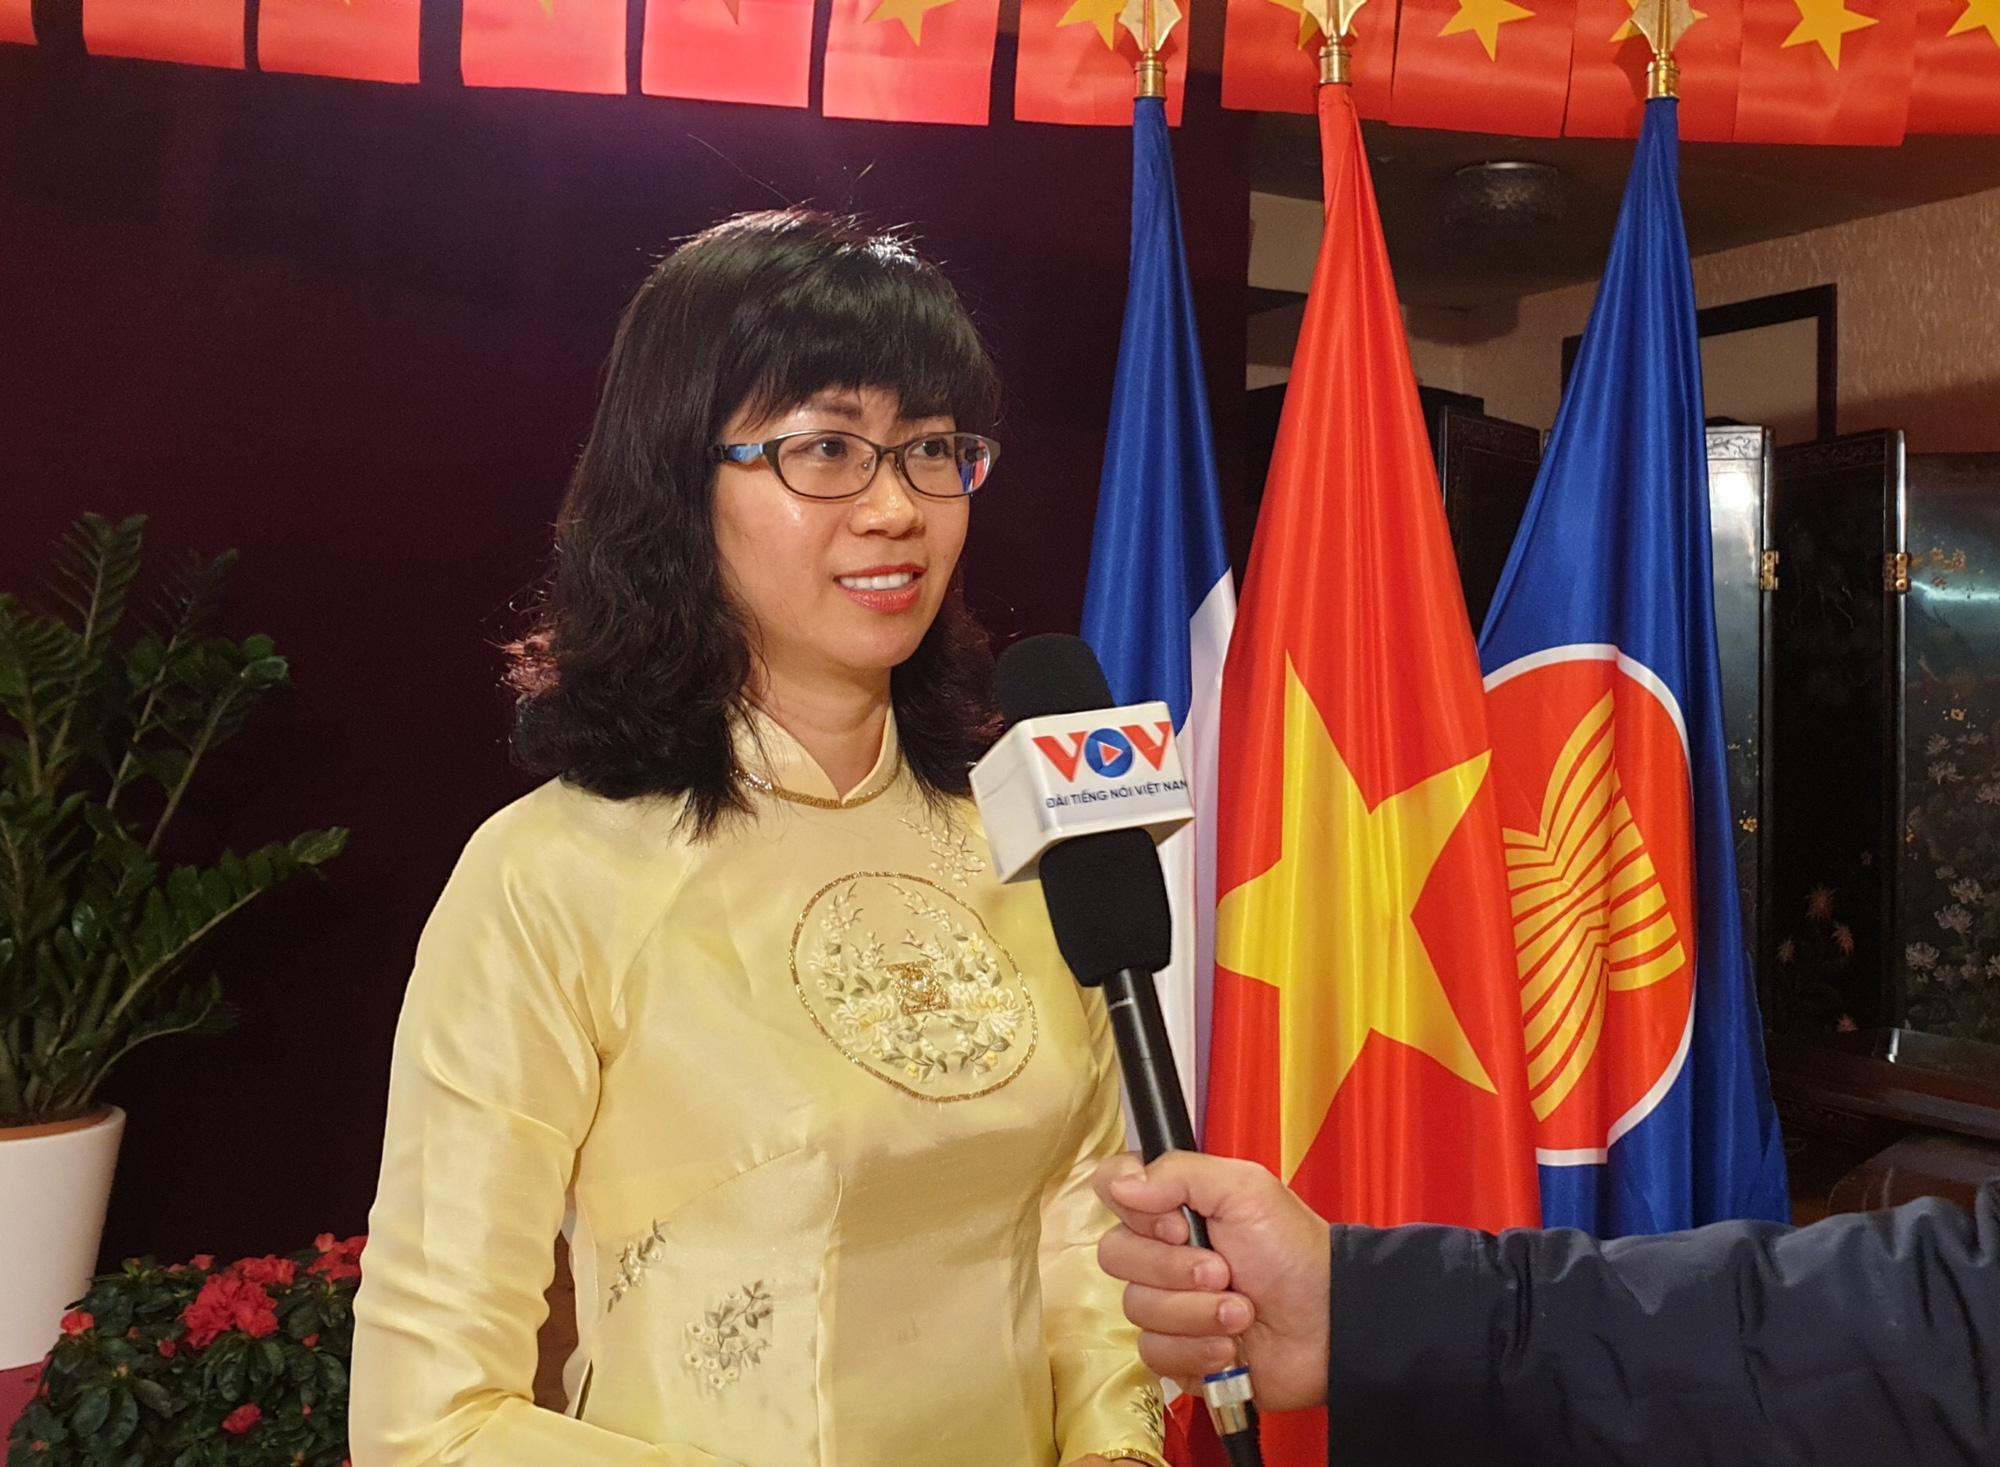 Hai khu dự trữ sinh quyển Việt Nam được UNESCO công nhận: Vinh dự kép - Trách nhiệm lớn - Ảnh 4.